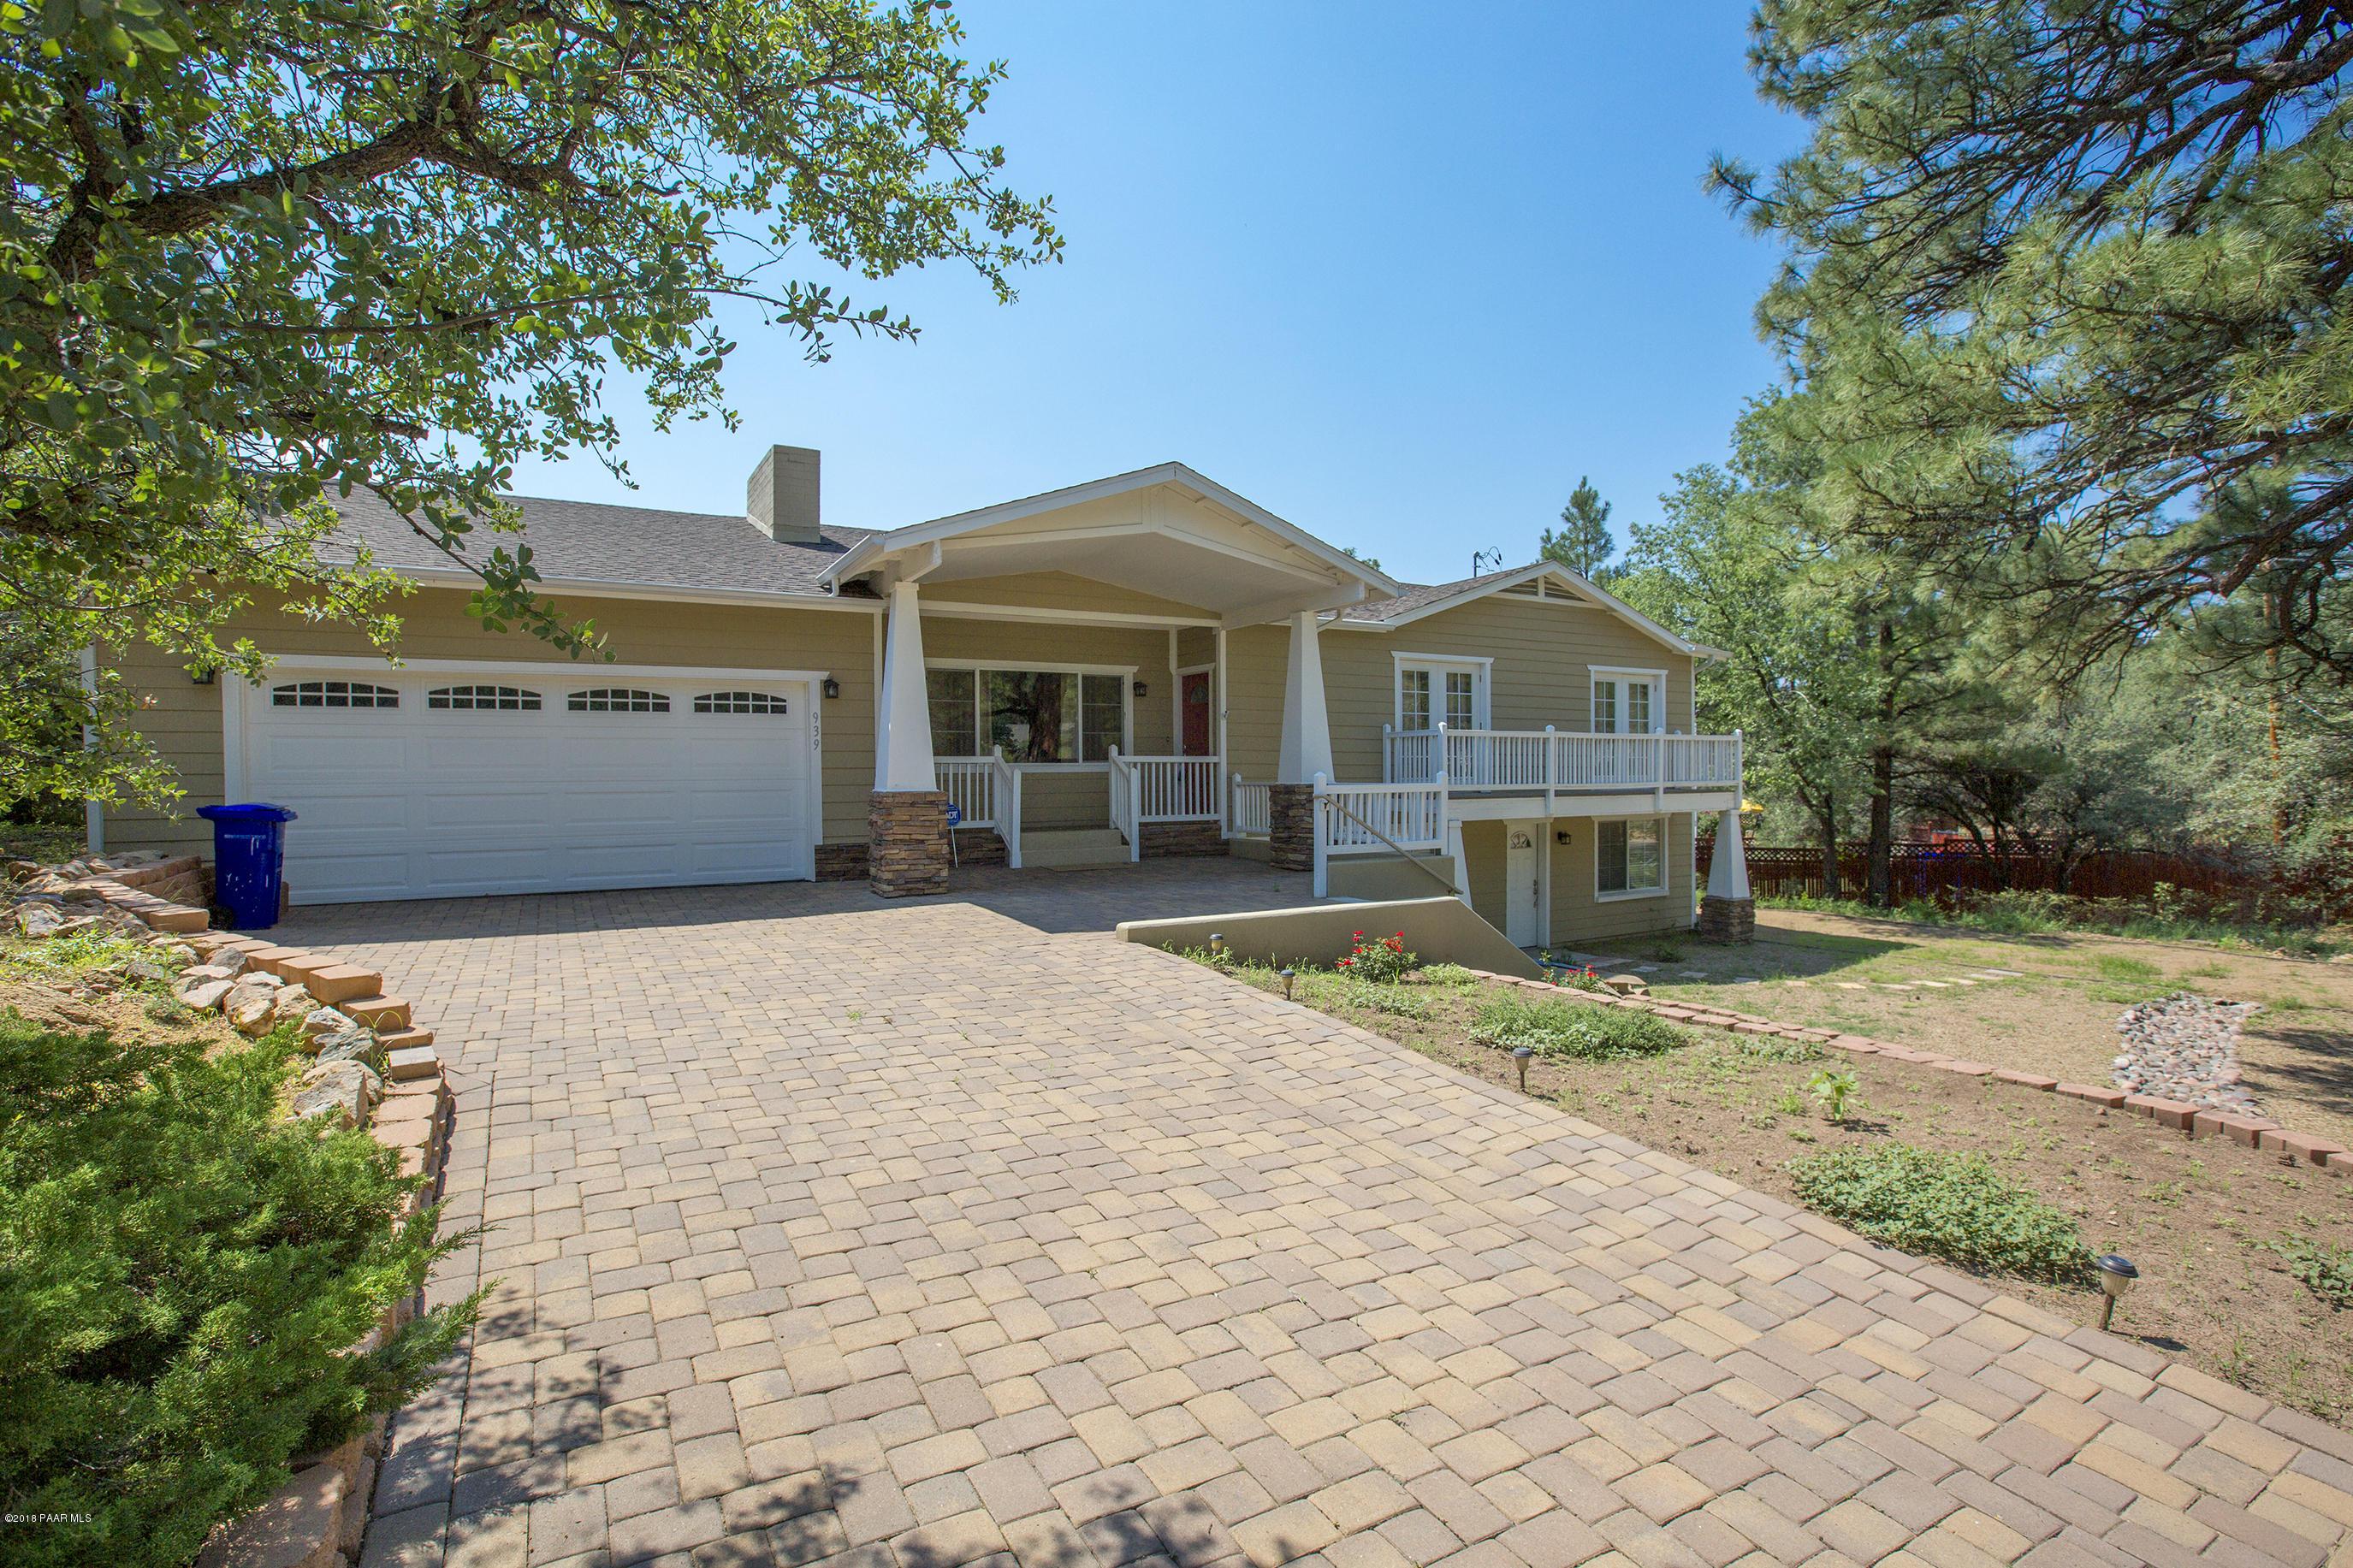 Photo of 939 Juanita Terrace, Prescott, AZ 86303